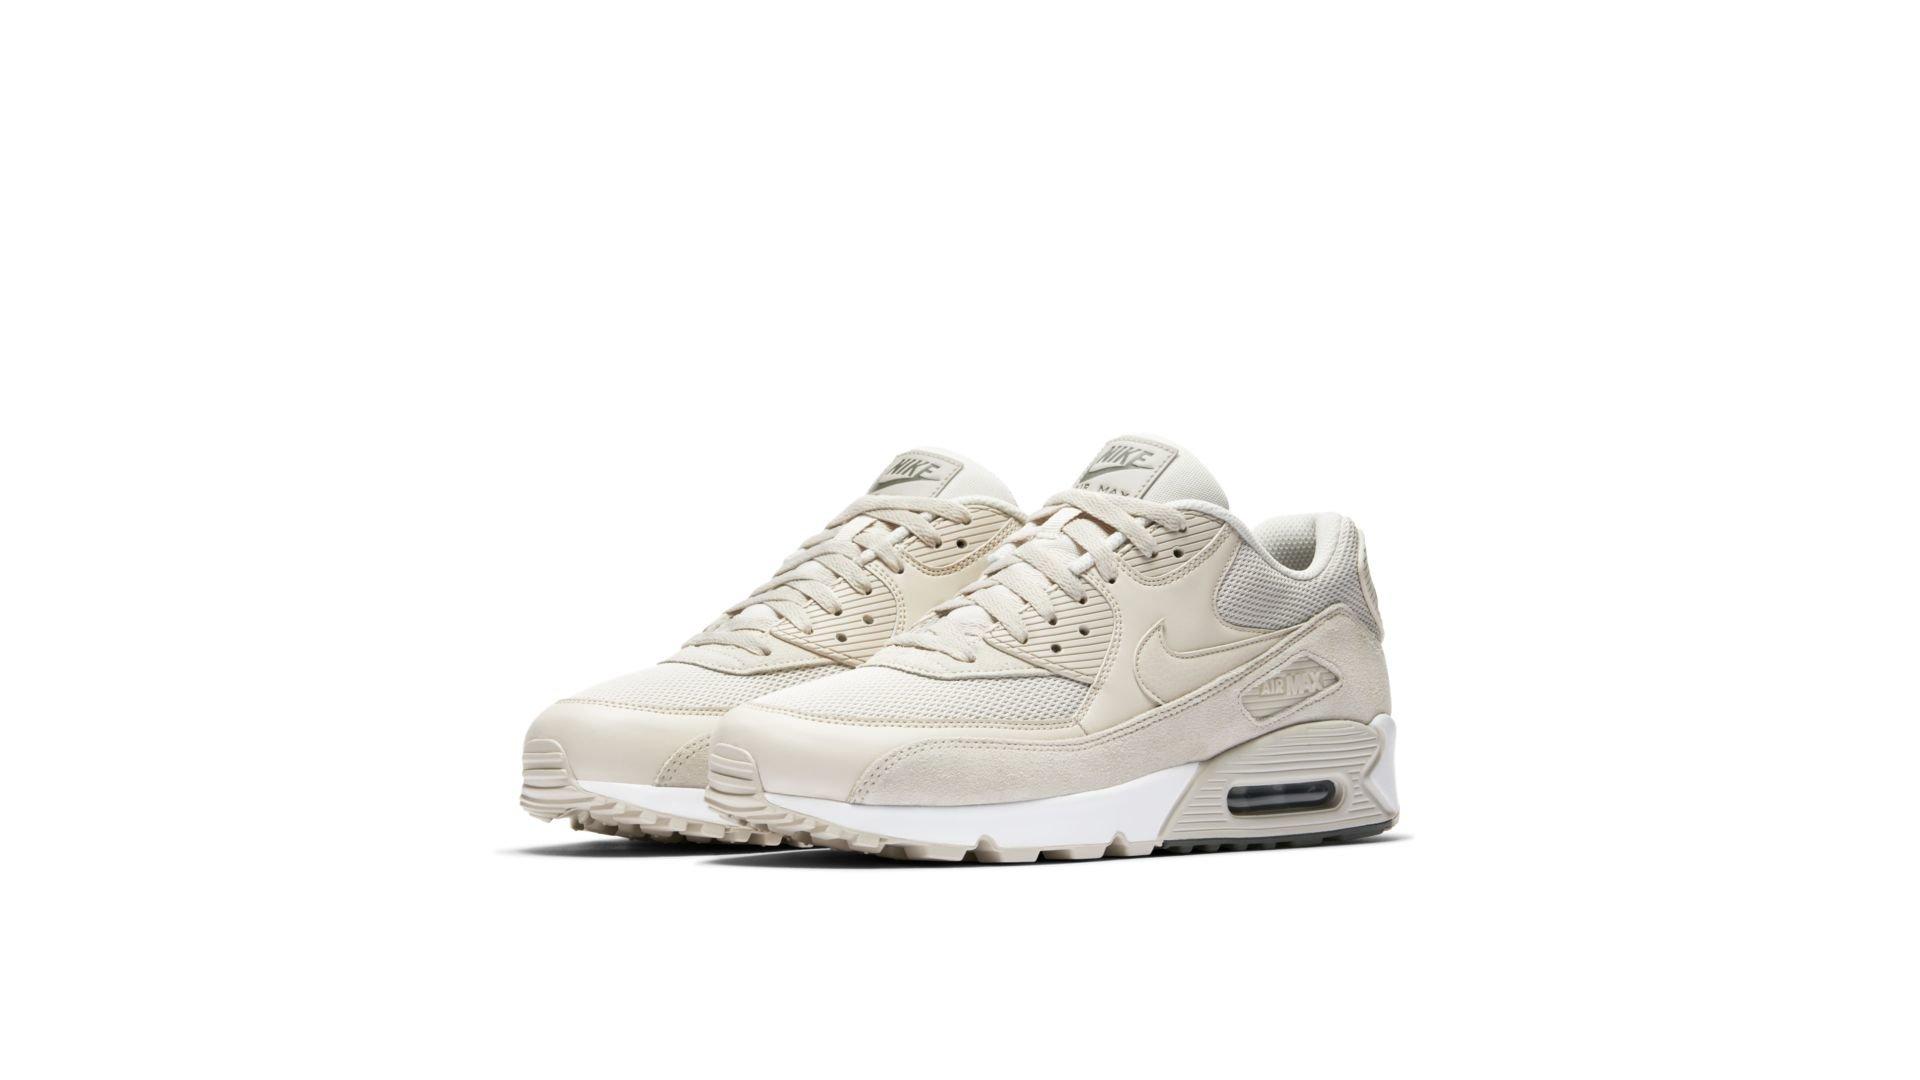 Nike Air Max 90 537384-132